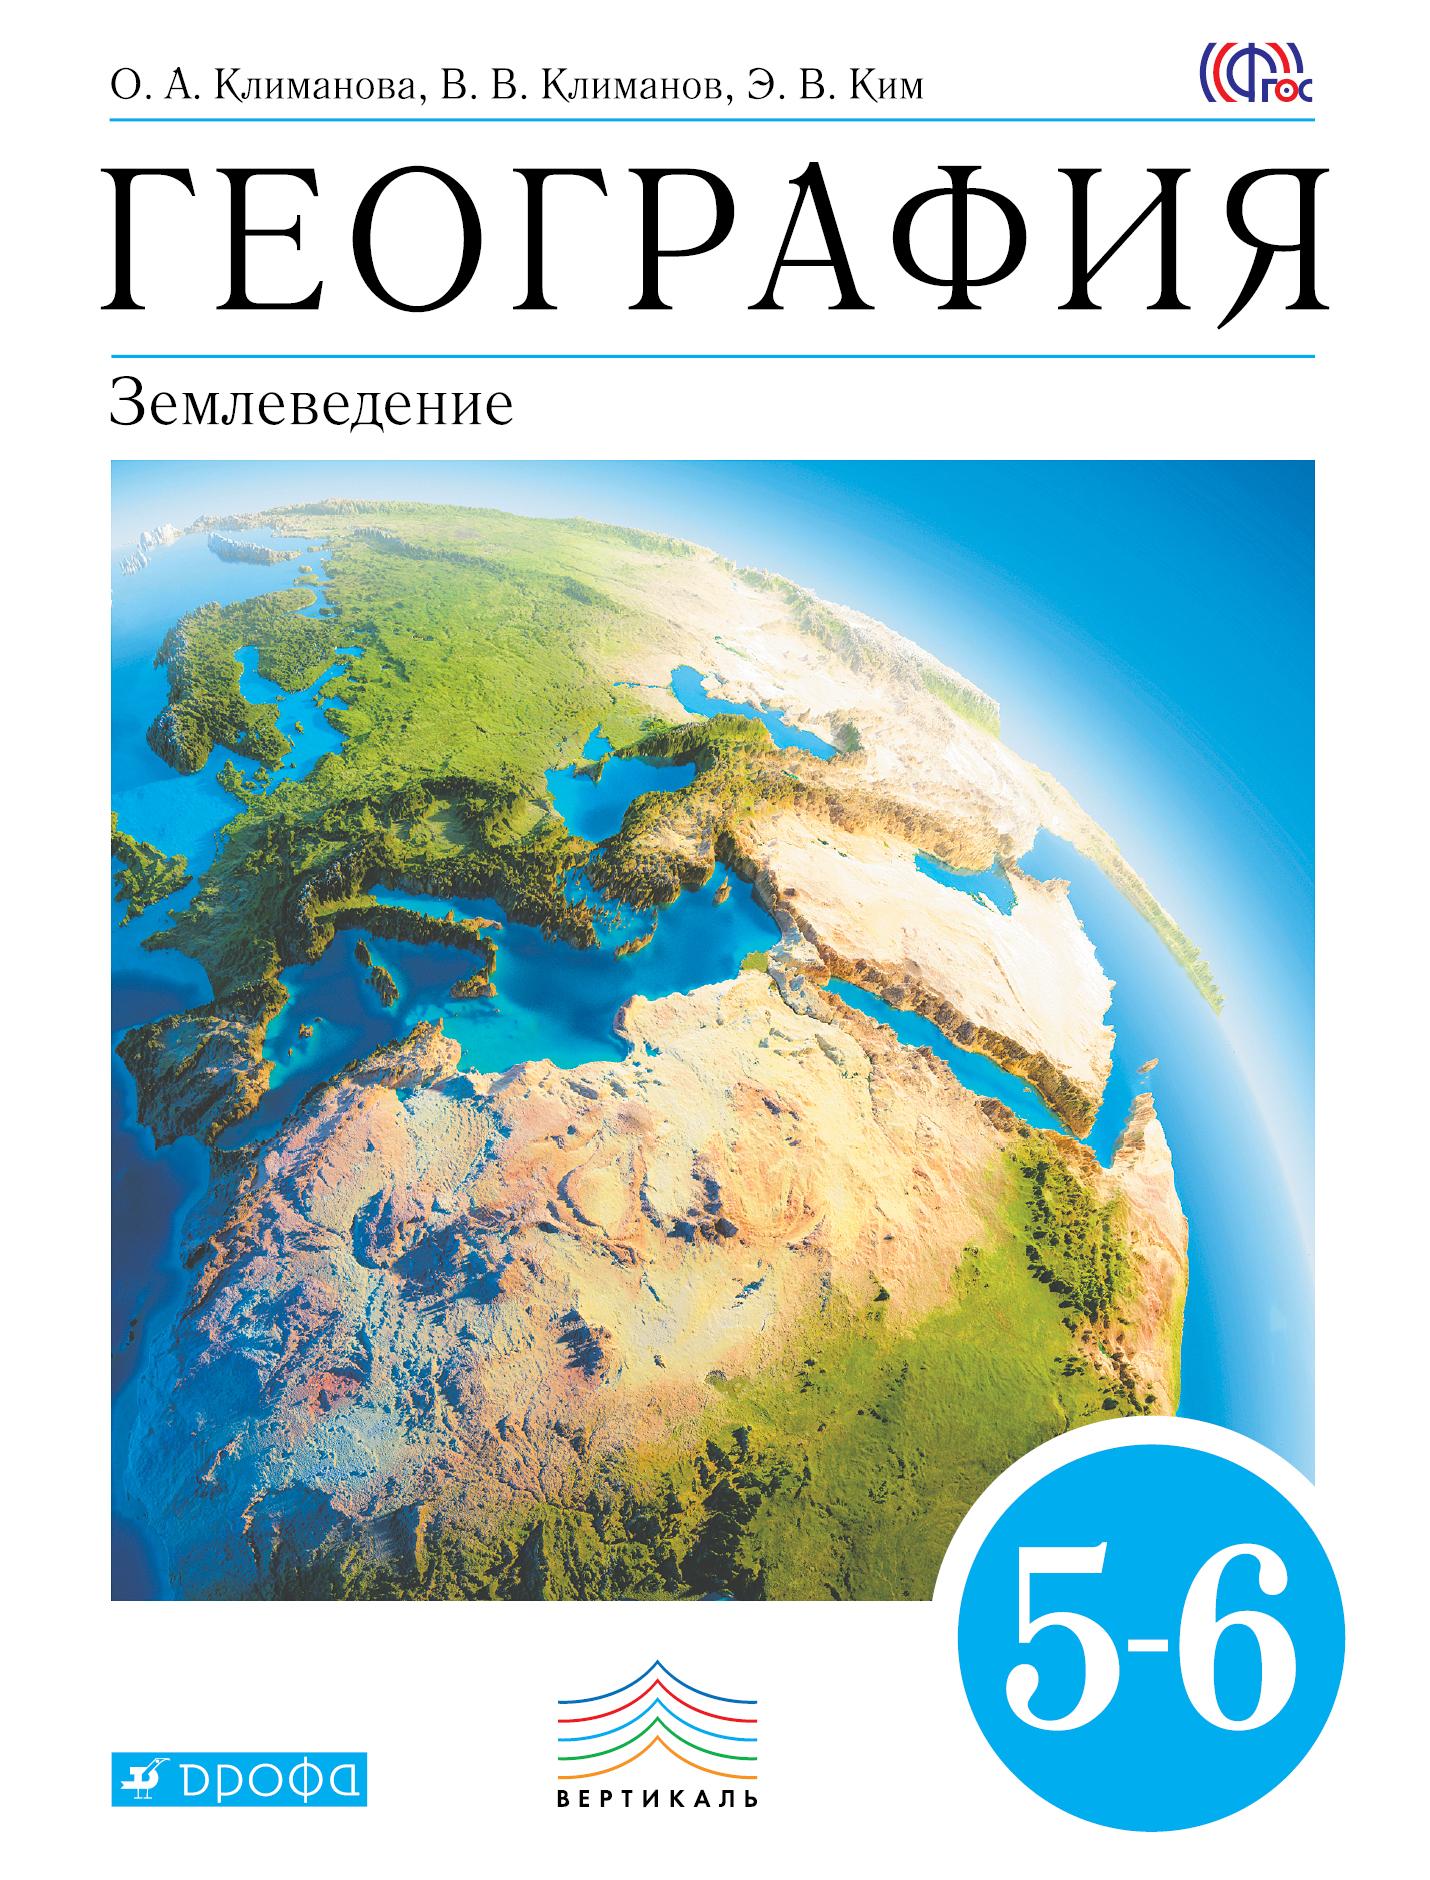 География. Землевед. 5-6кл [Учебник]Вертик. ФП